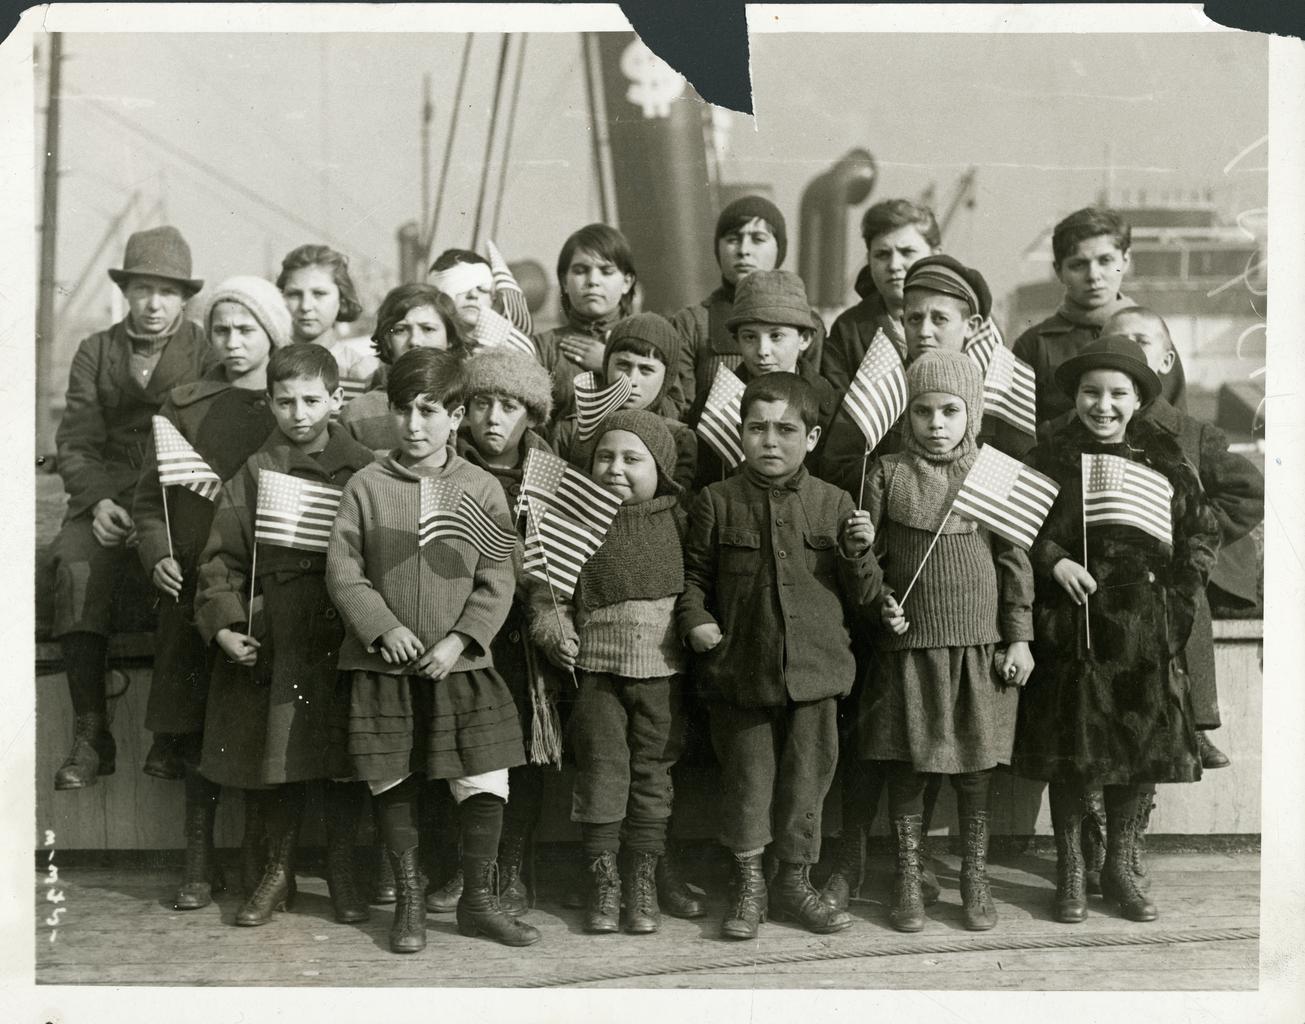 Еврейские дети — сироты войны, прибывшие в Соединенные Штаты